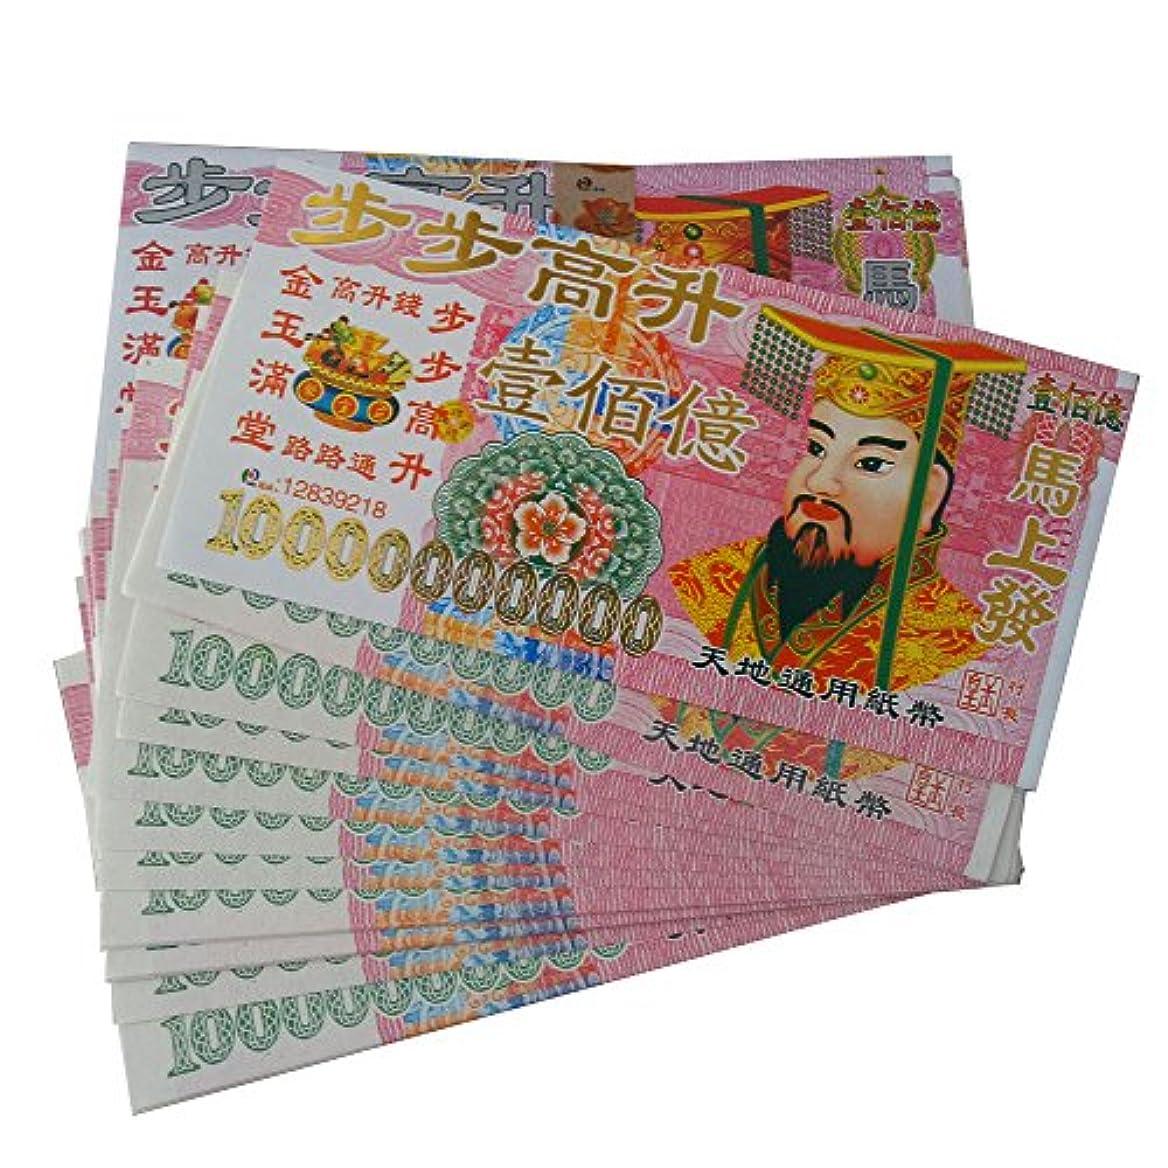 現代偏見酸化物zeestar Chinese Joss Paper Money Hell Bank Note $ 10,000,000,000 9.8インチx 5.1インチ(パックof 120 )